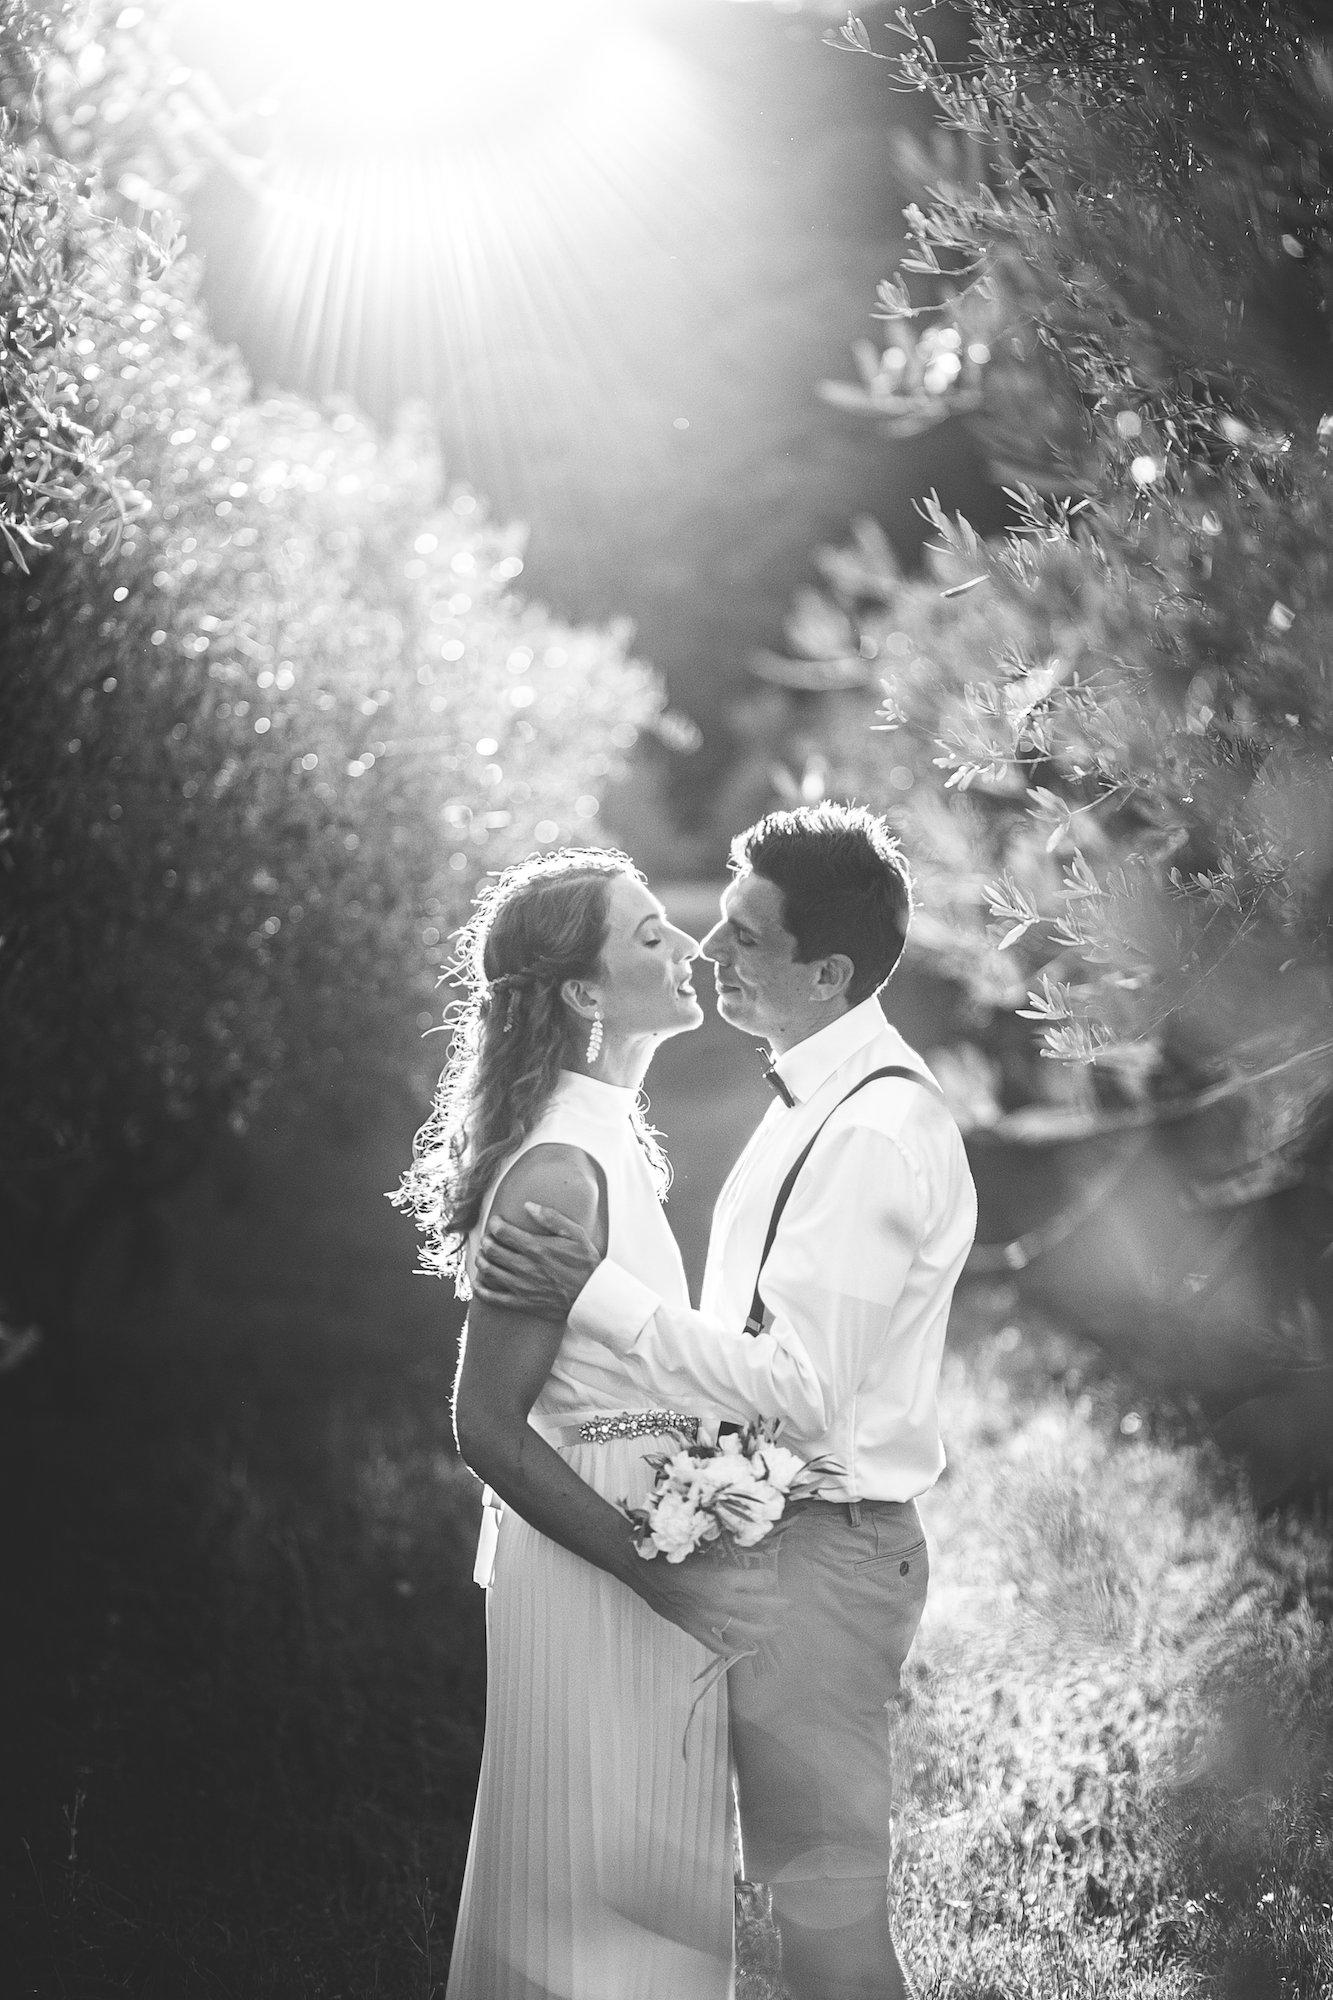 le coeur dans les etoiles - wedding planner - gard - provence - mariage provence - L&C - sebastien cabanes - photo de couple 2